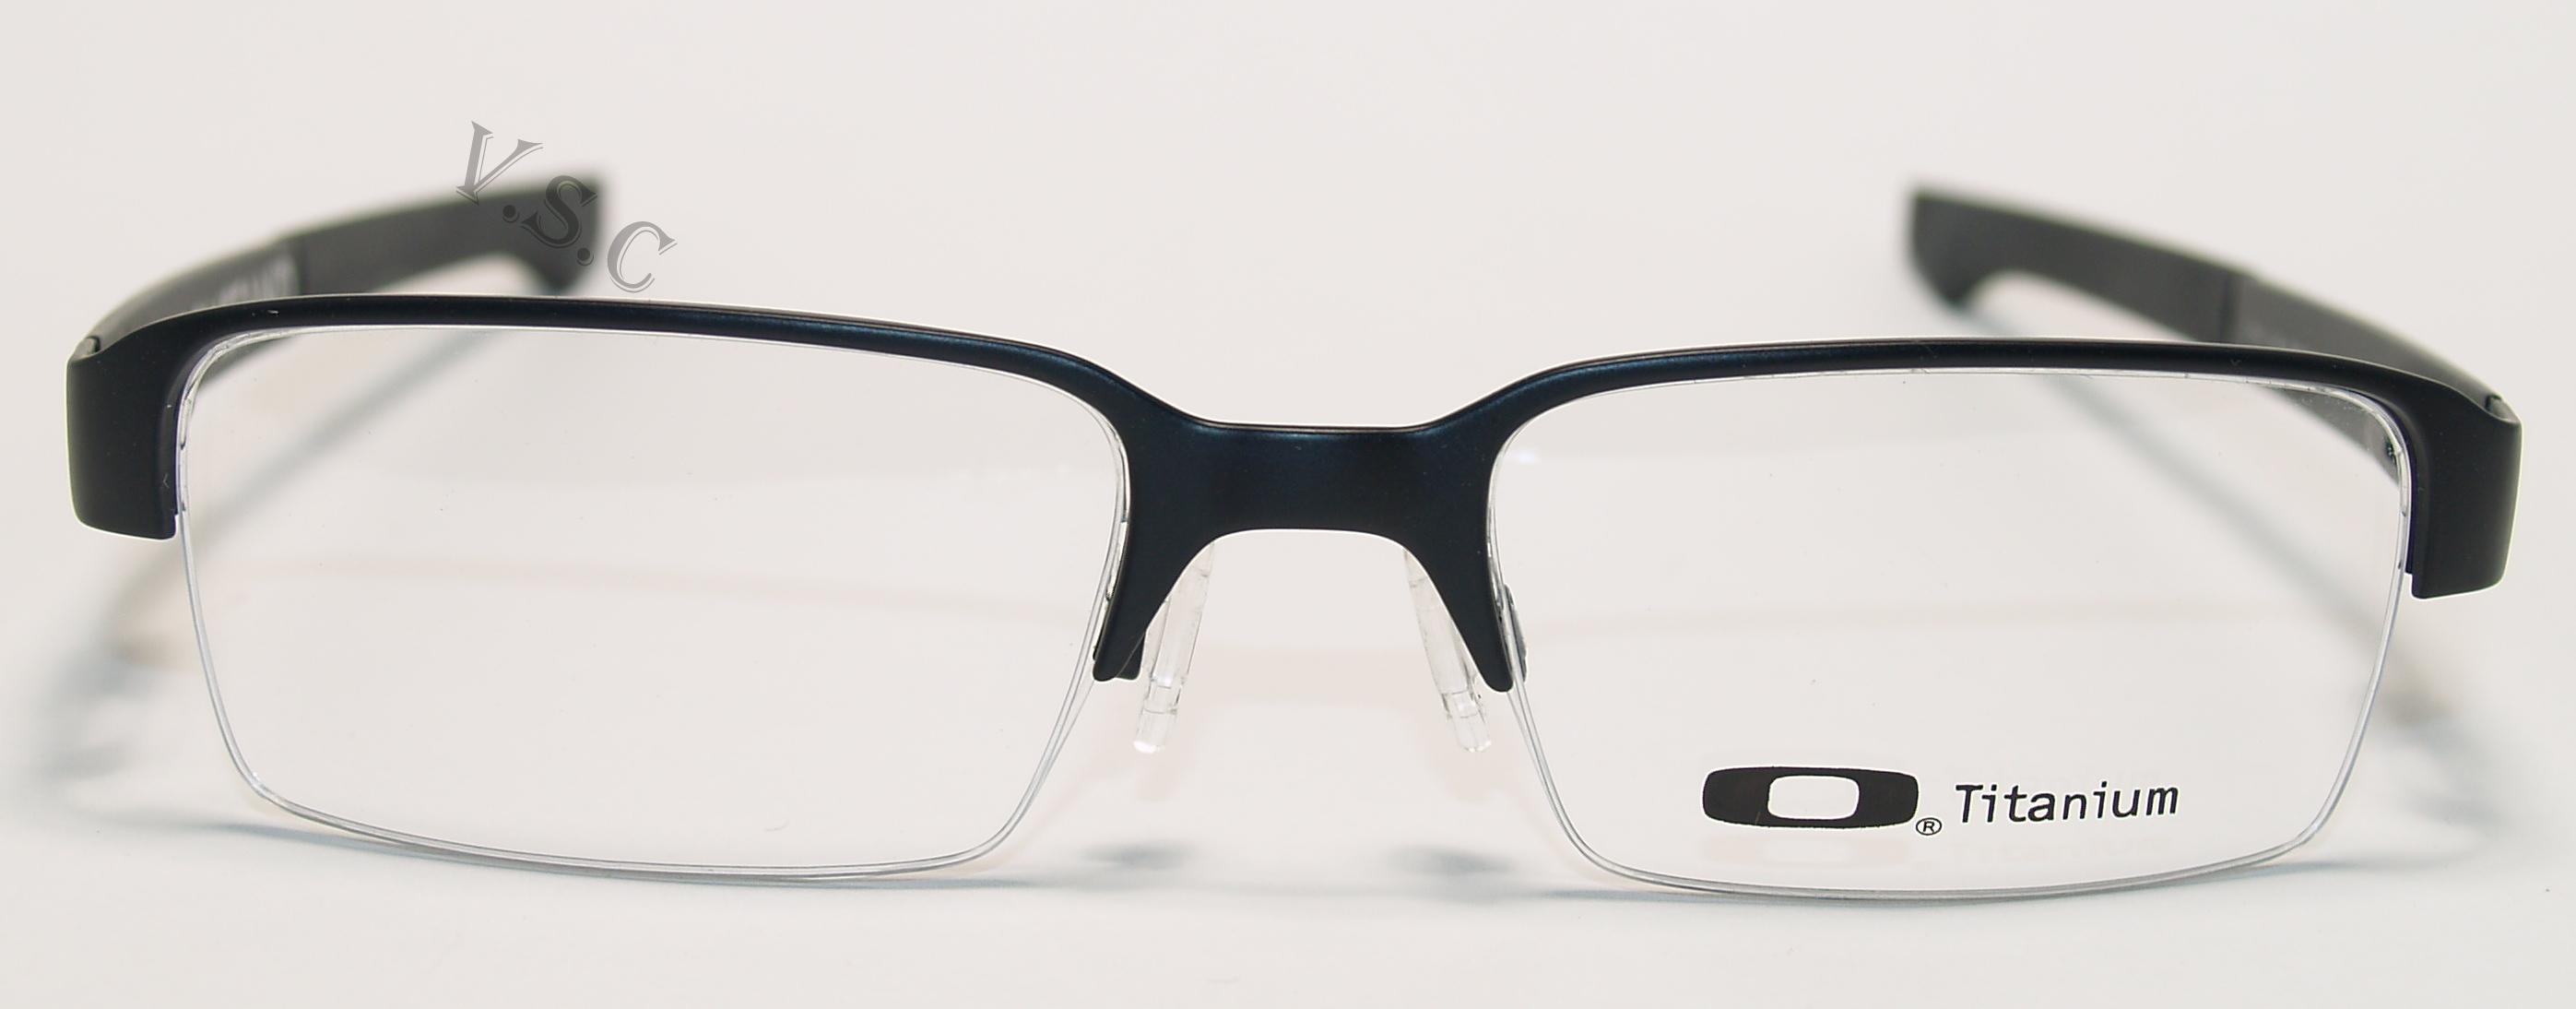 oakley crosshoakley prescription glasses online uk  oakley boomstand eyeglasses